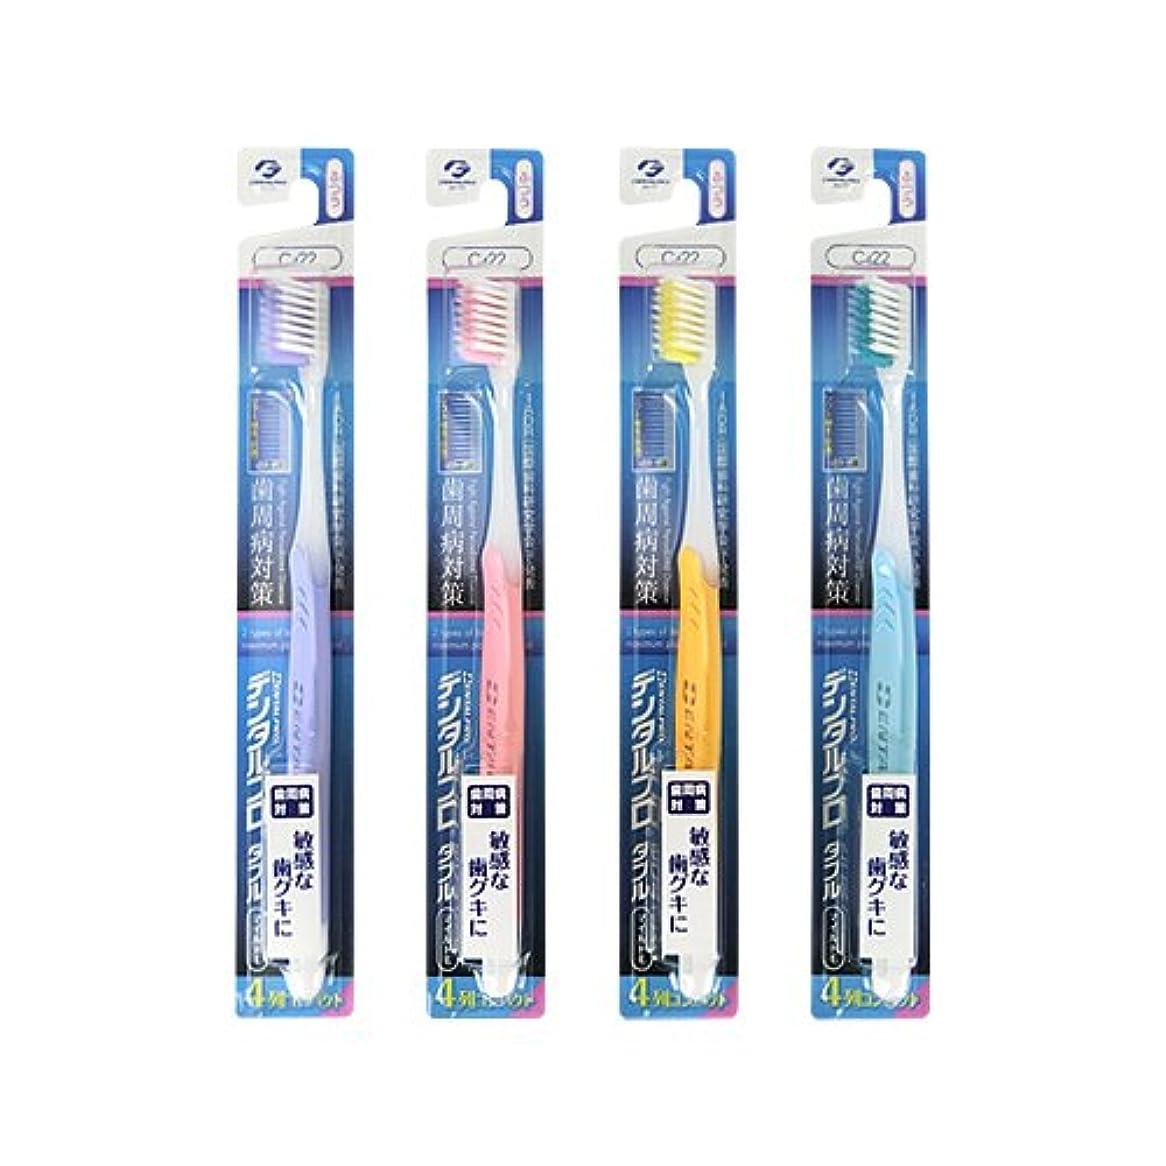 額自明評価可能デンタルプロ ダブル マイルド 4列 歯ブラシ 5本 (ふつう, 色はおまかせ)